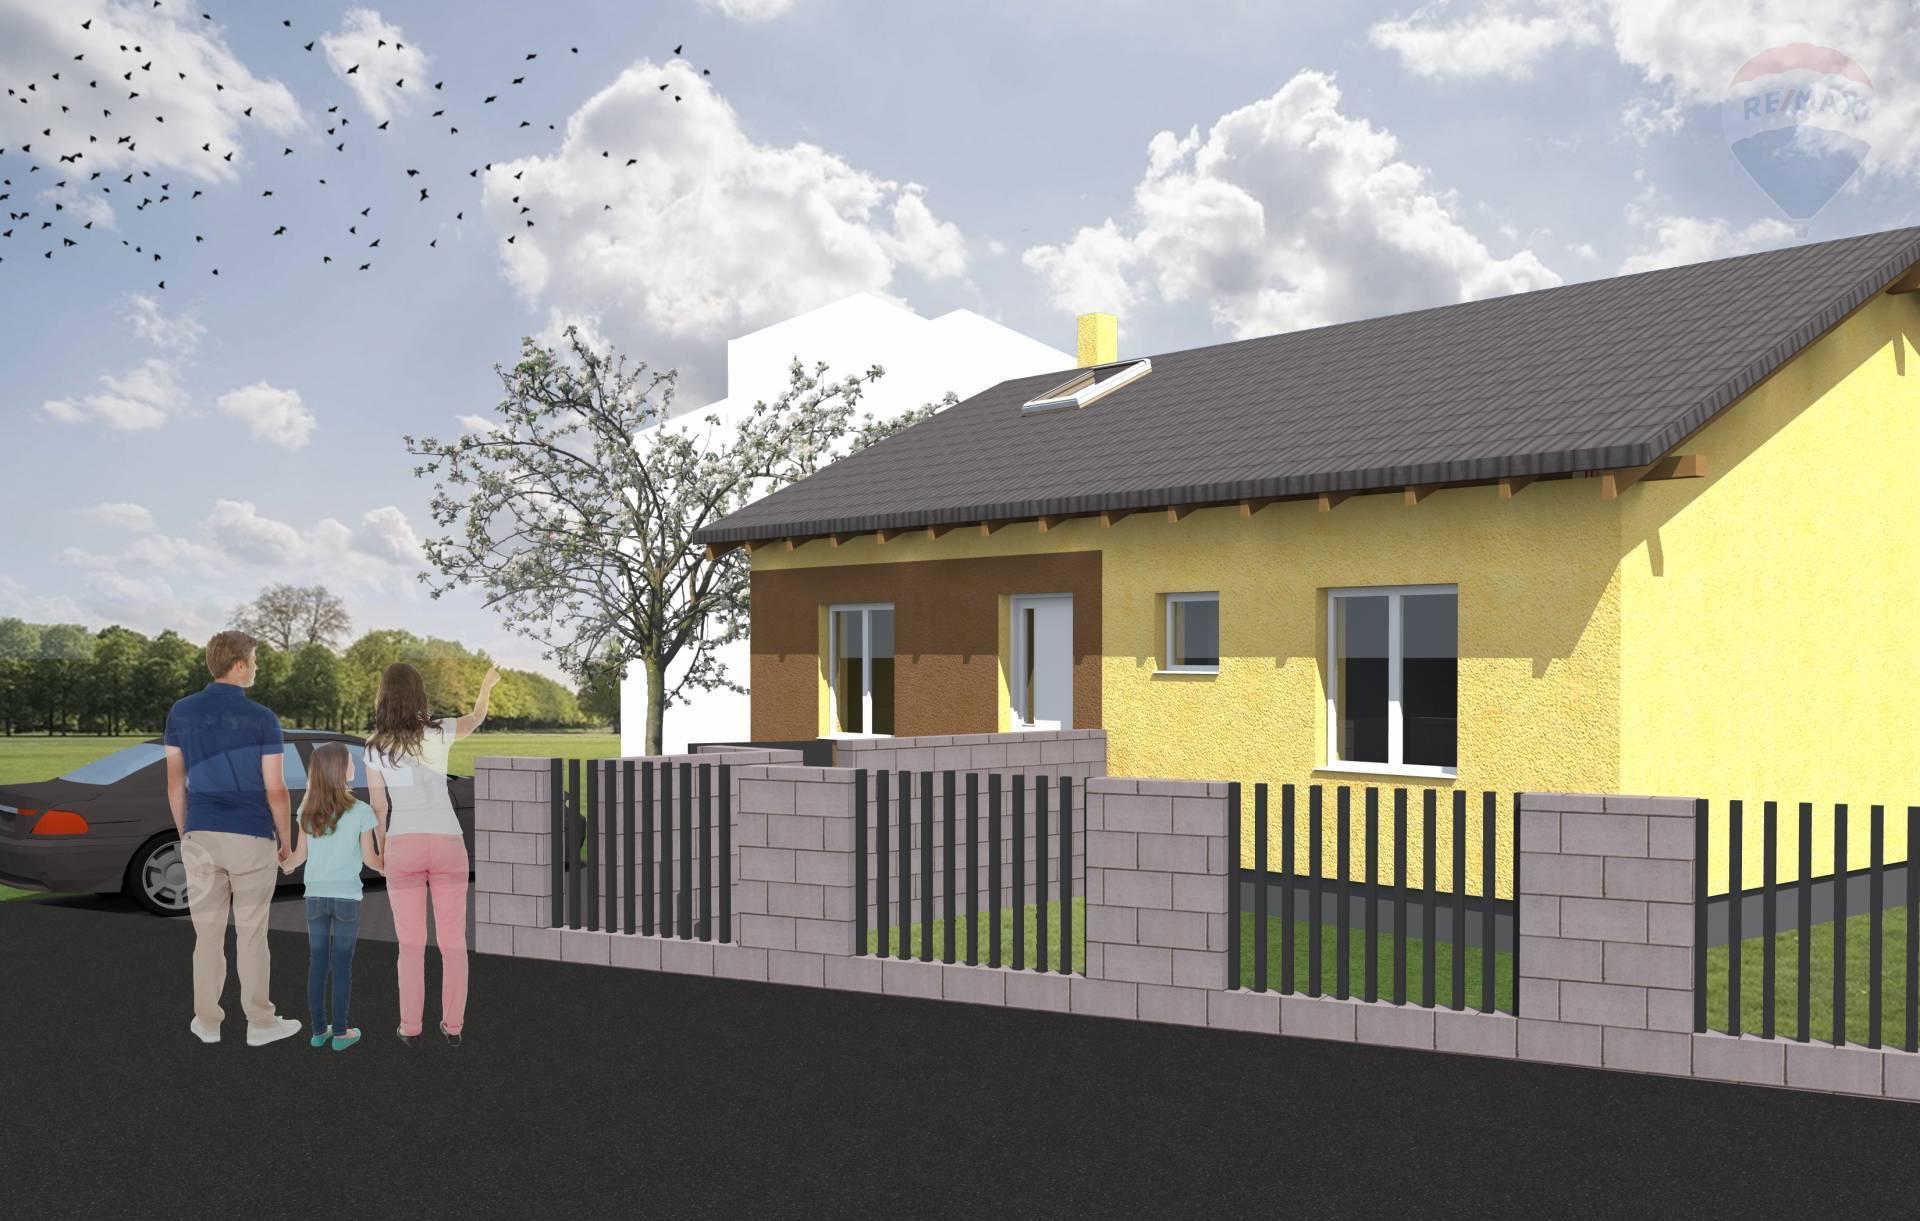 Predaj: rozostavaná stavba rodinného domu v tichej uličke obce Podbrezová